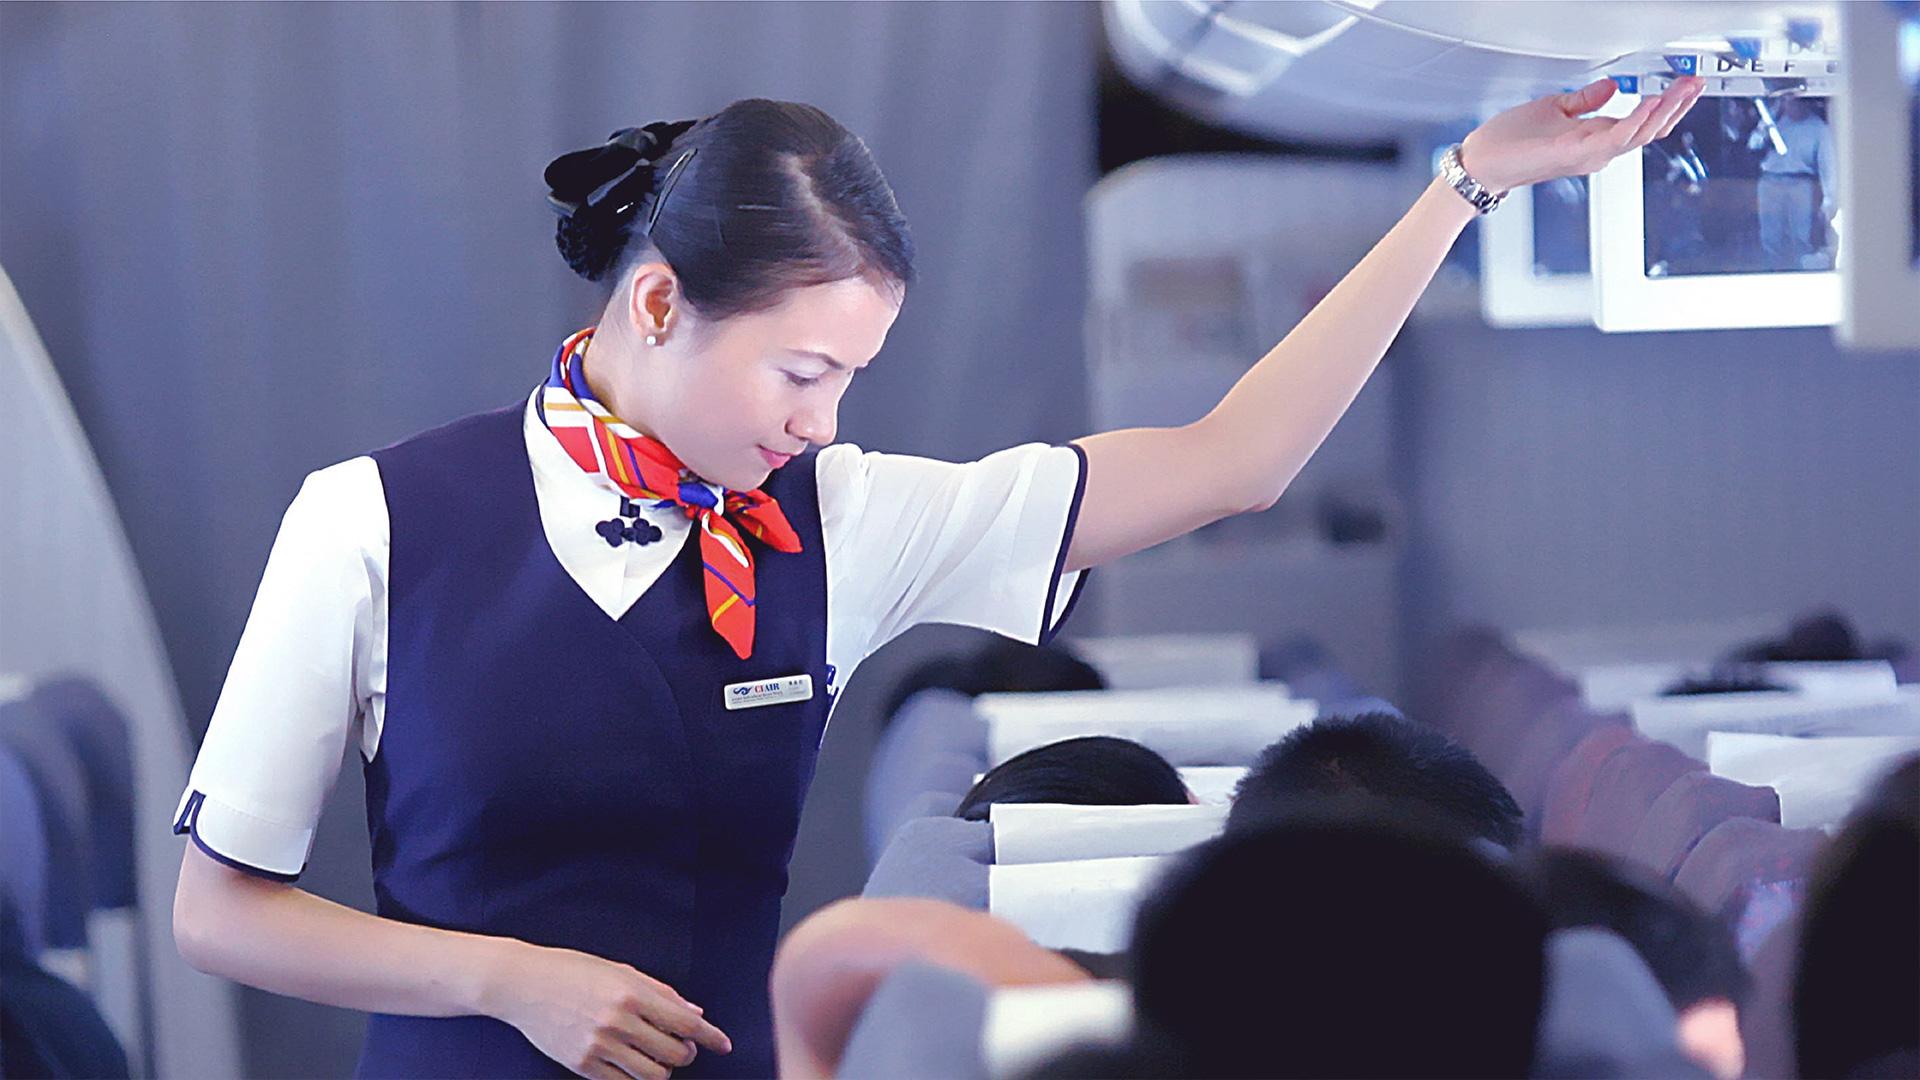 柬埔寨国际航空logo应用场景英超狼队球衣万博体育